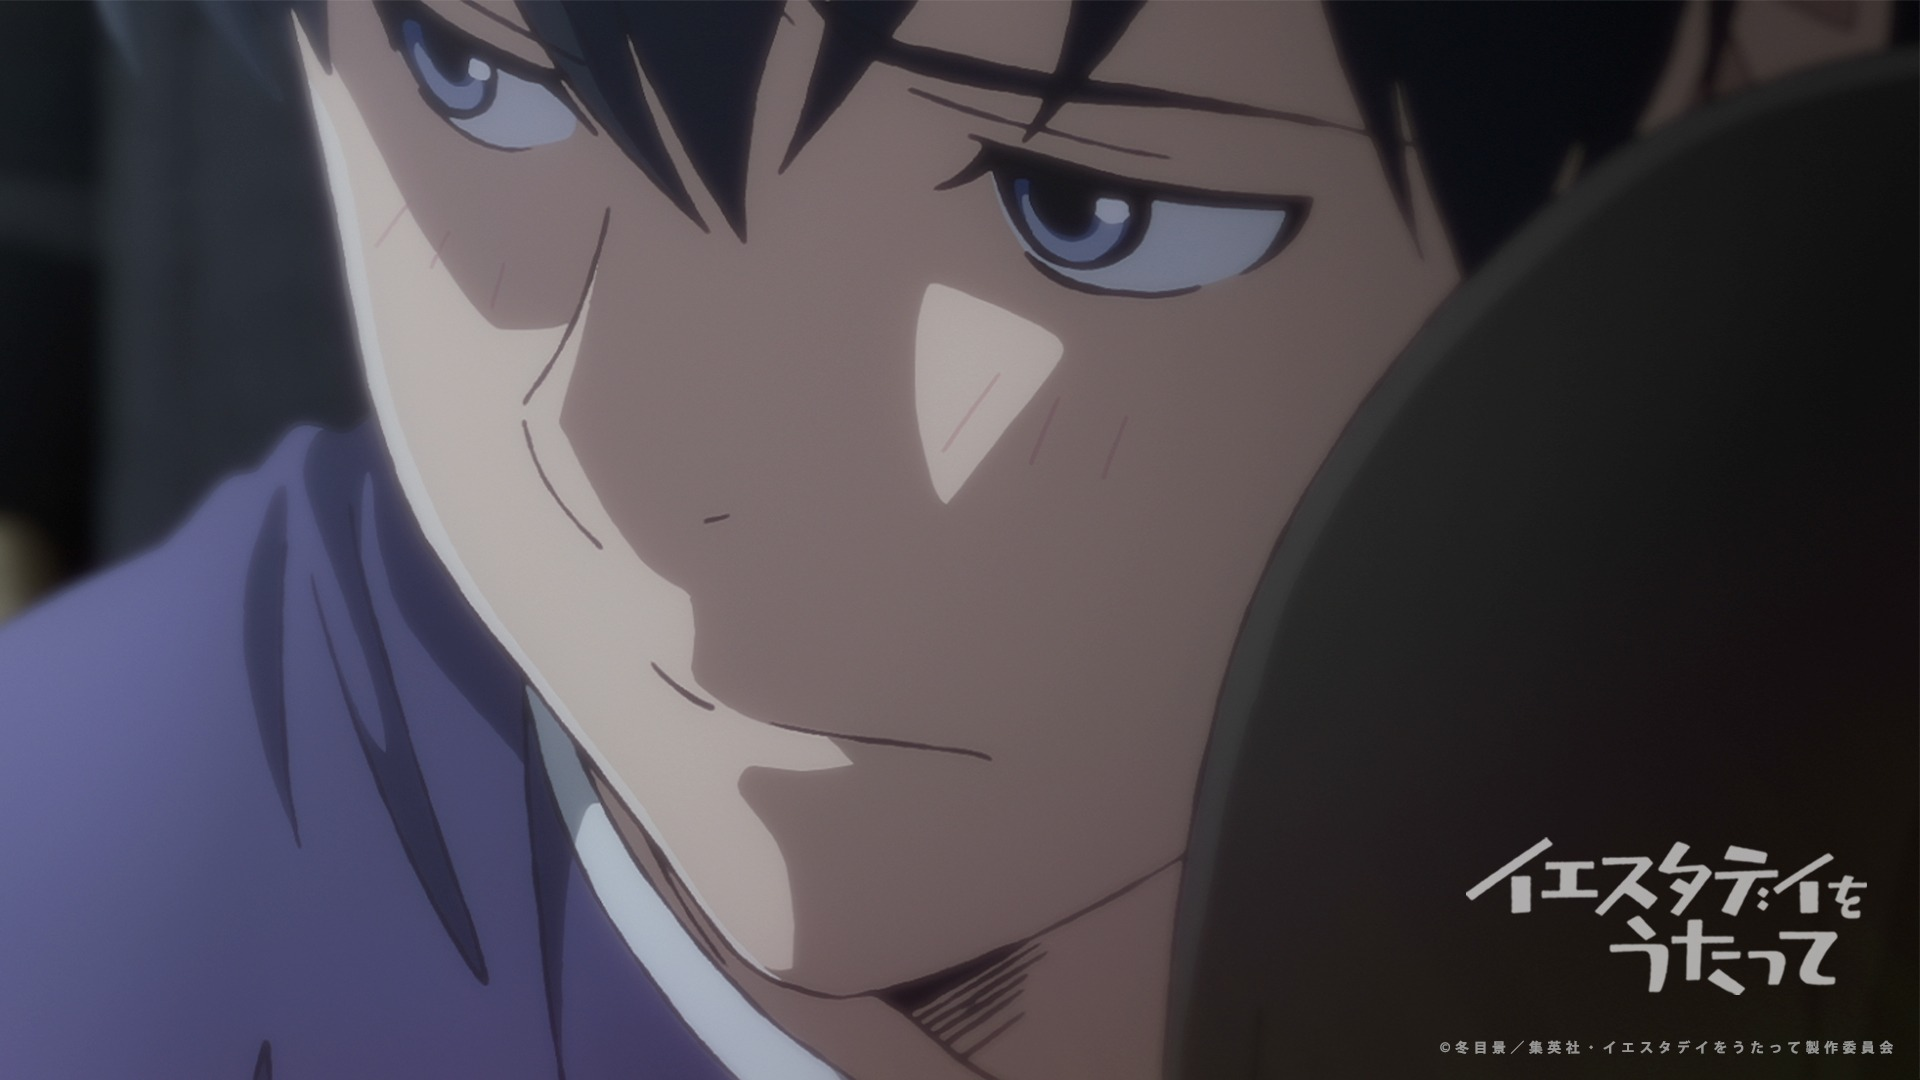 【アニメ】イエスタデイをうたっての7話あらすじ・ネタバレ感想   揺れる榀子の想いはいかに…。